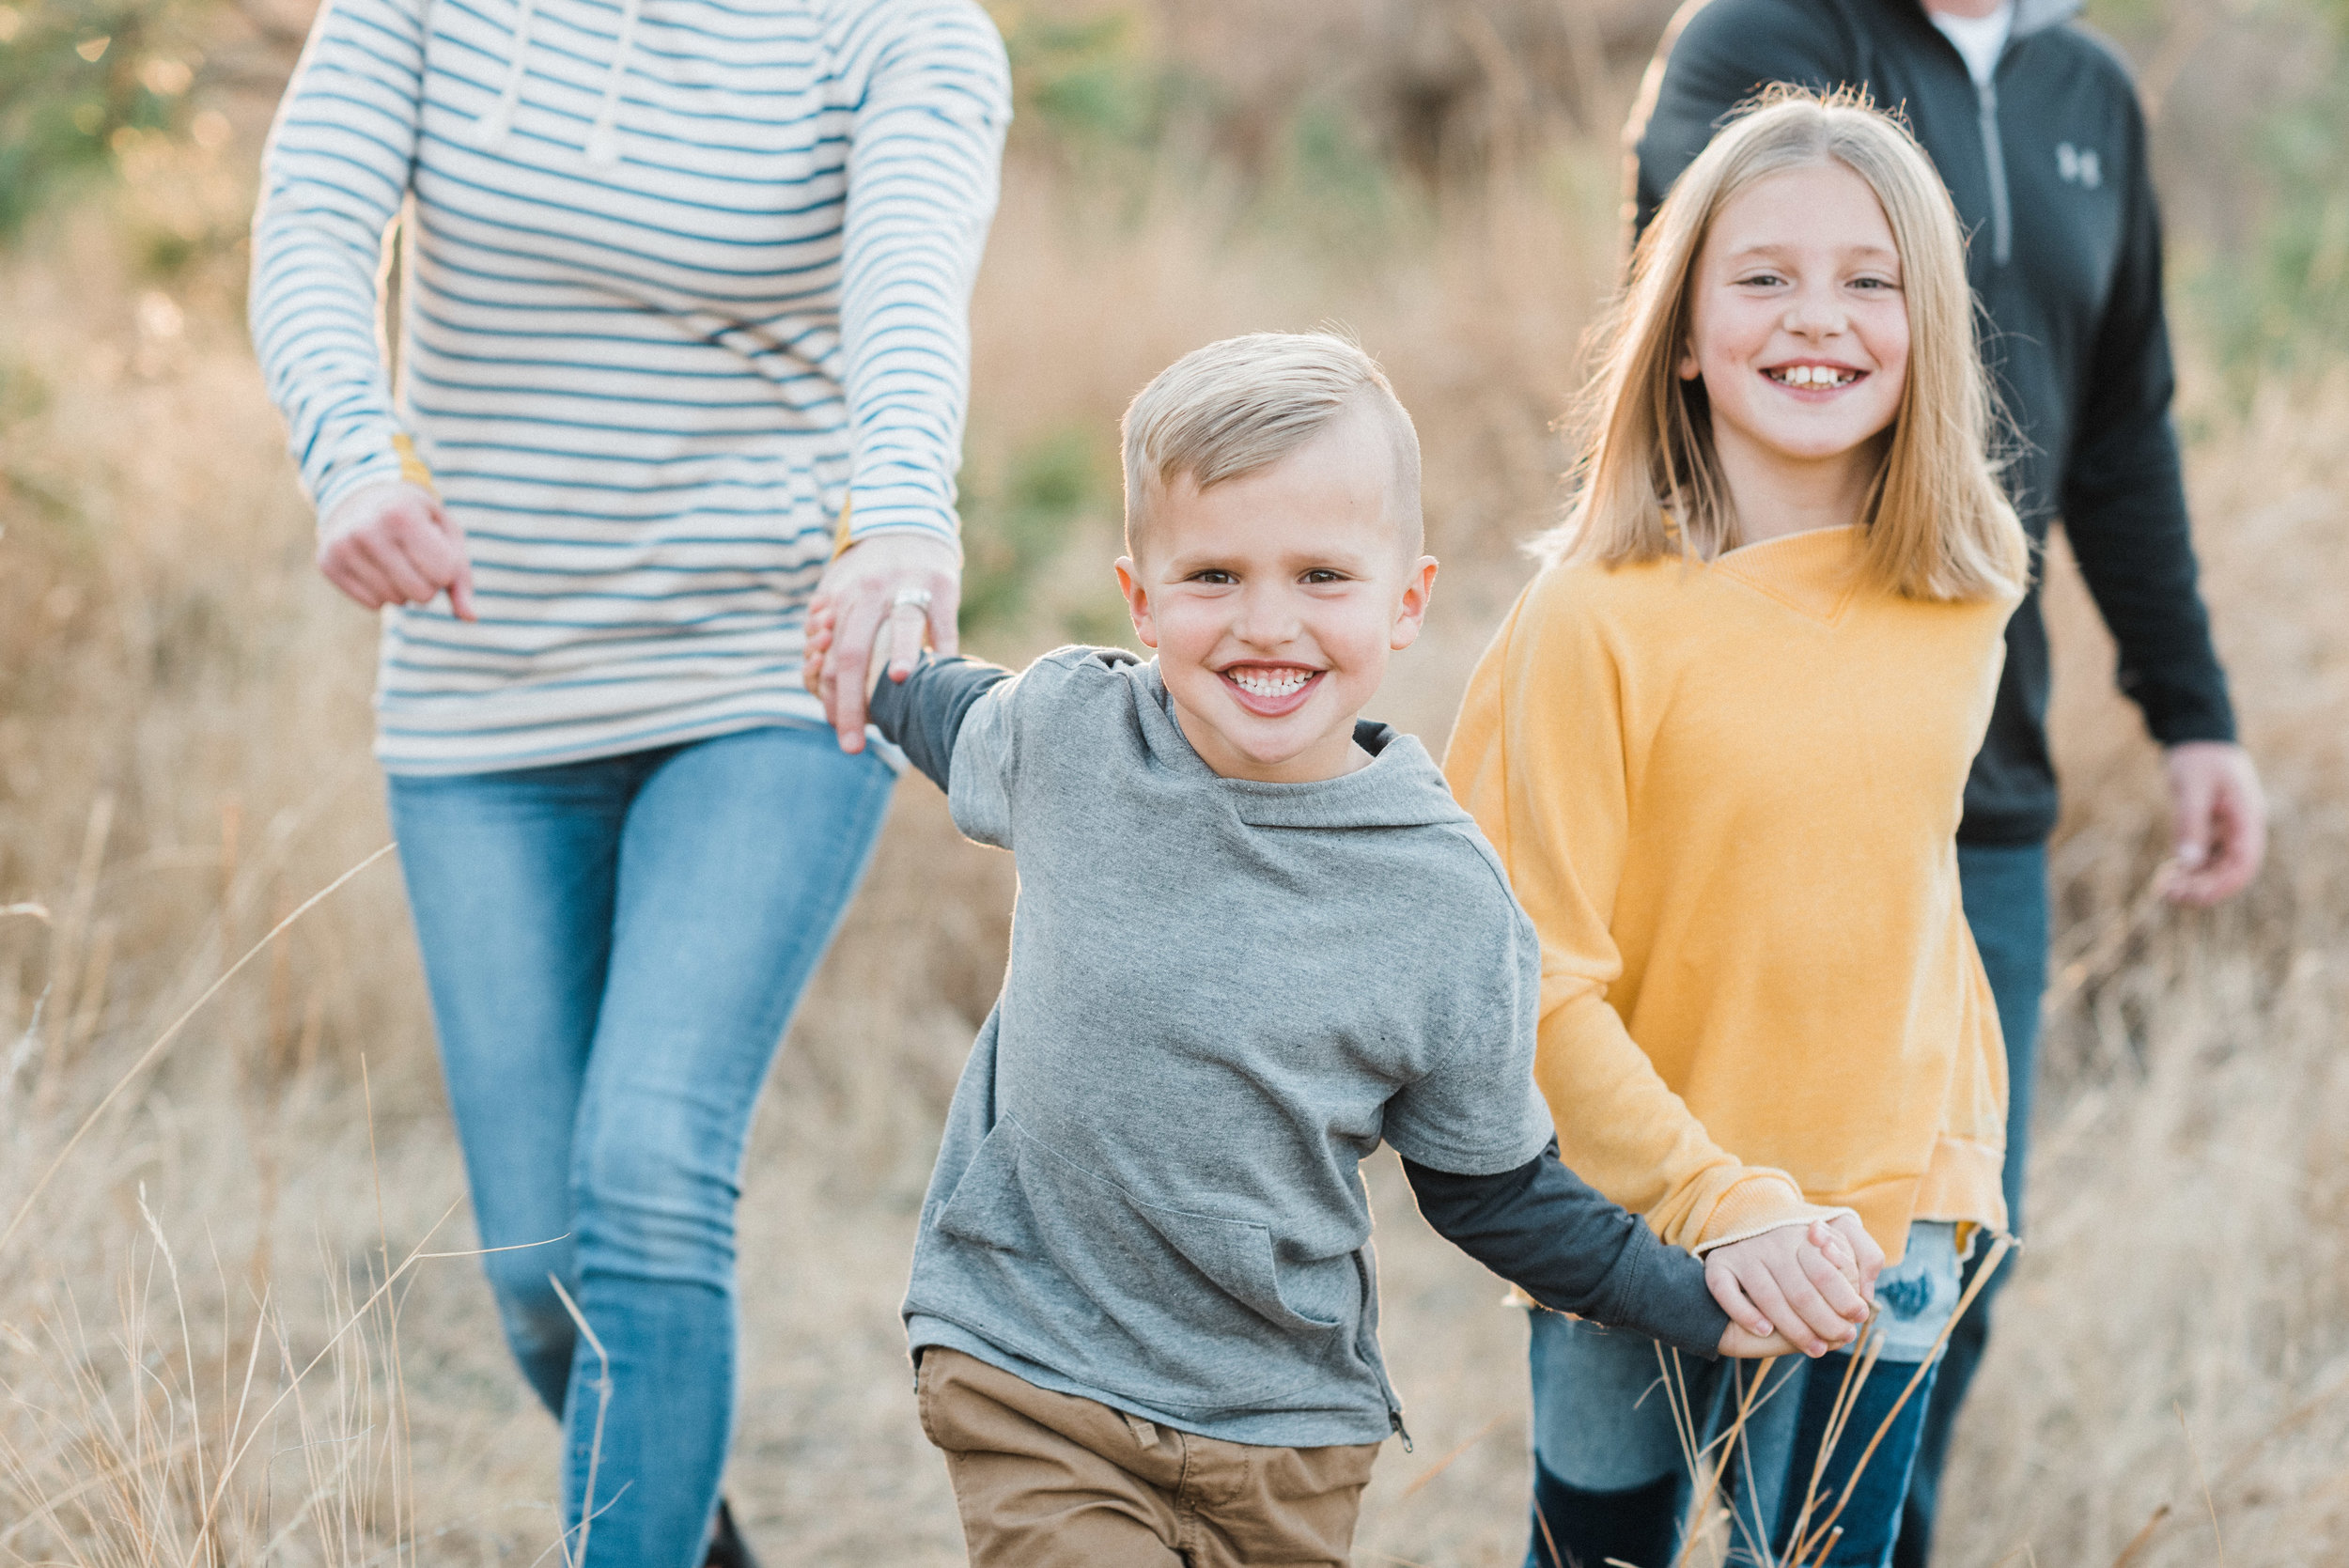 spokane-family-session-emch (17 of 26).jpg